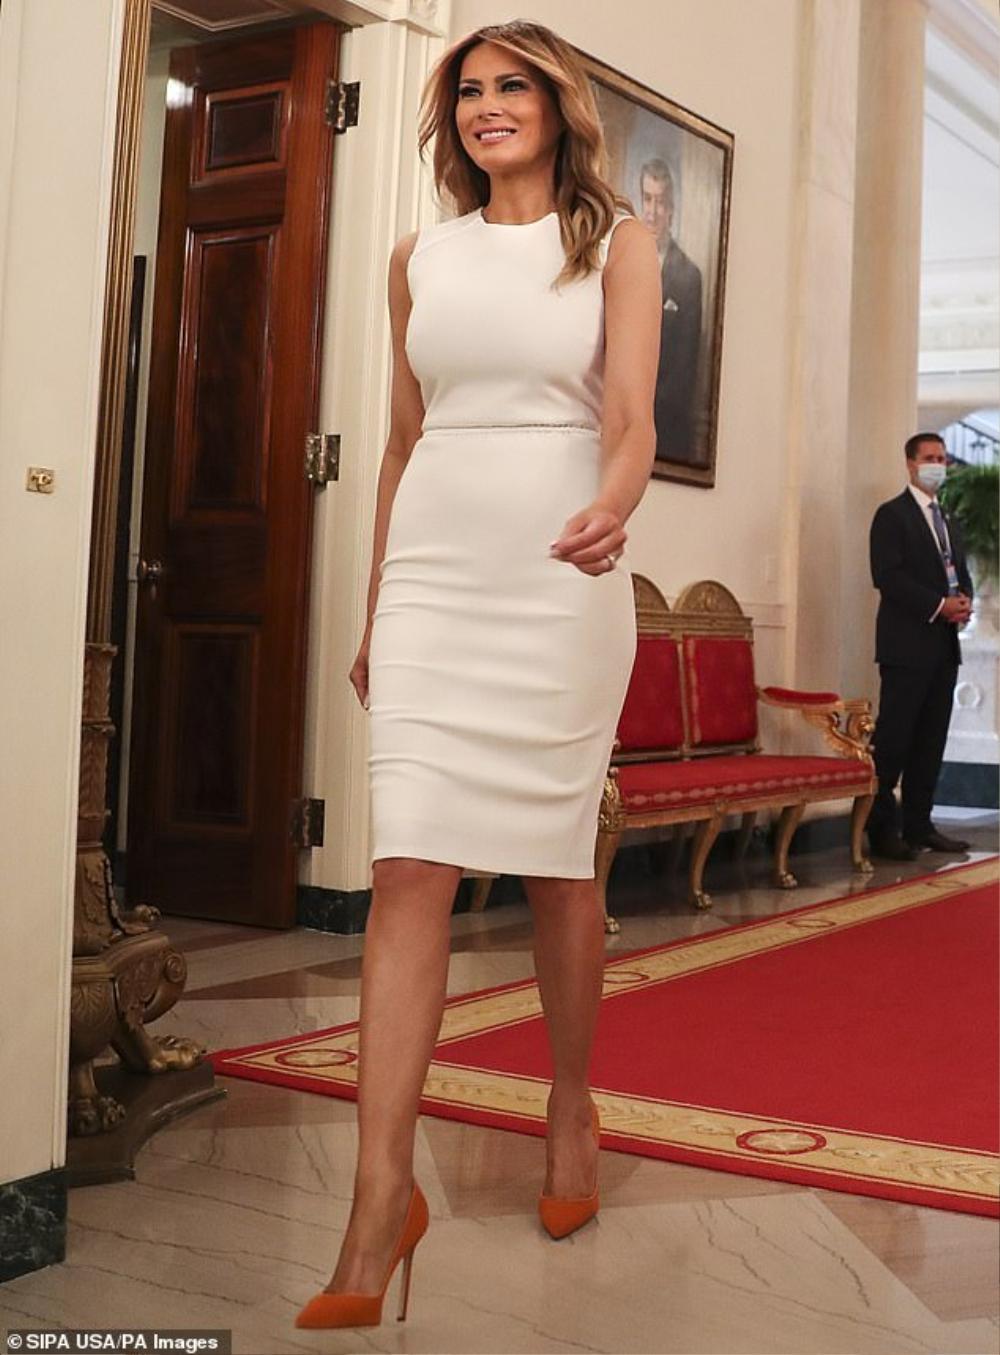 Đệ nhất phu nhân Mỹ Melania Trump cứ diện váy trắng tinh khôi là nhận được vô vàn lời khen Ảnh 2